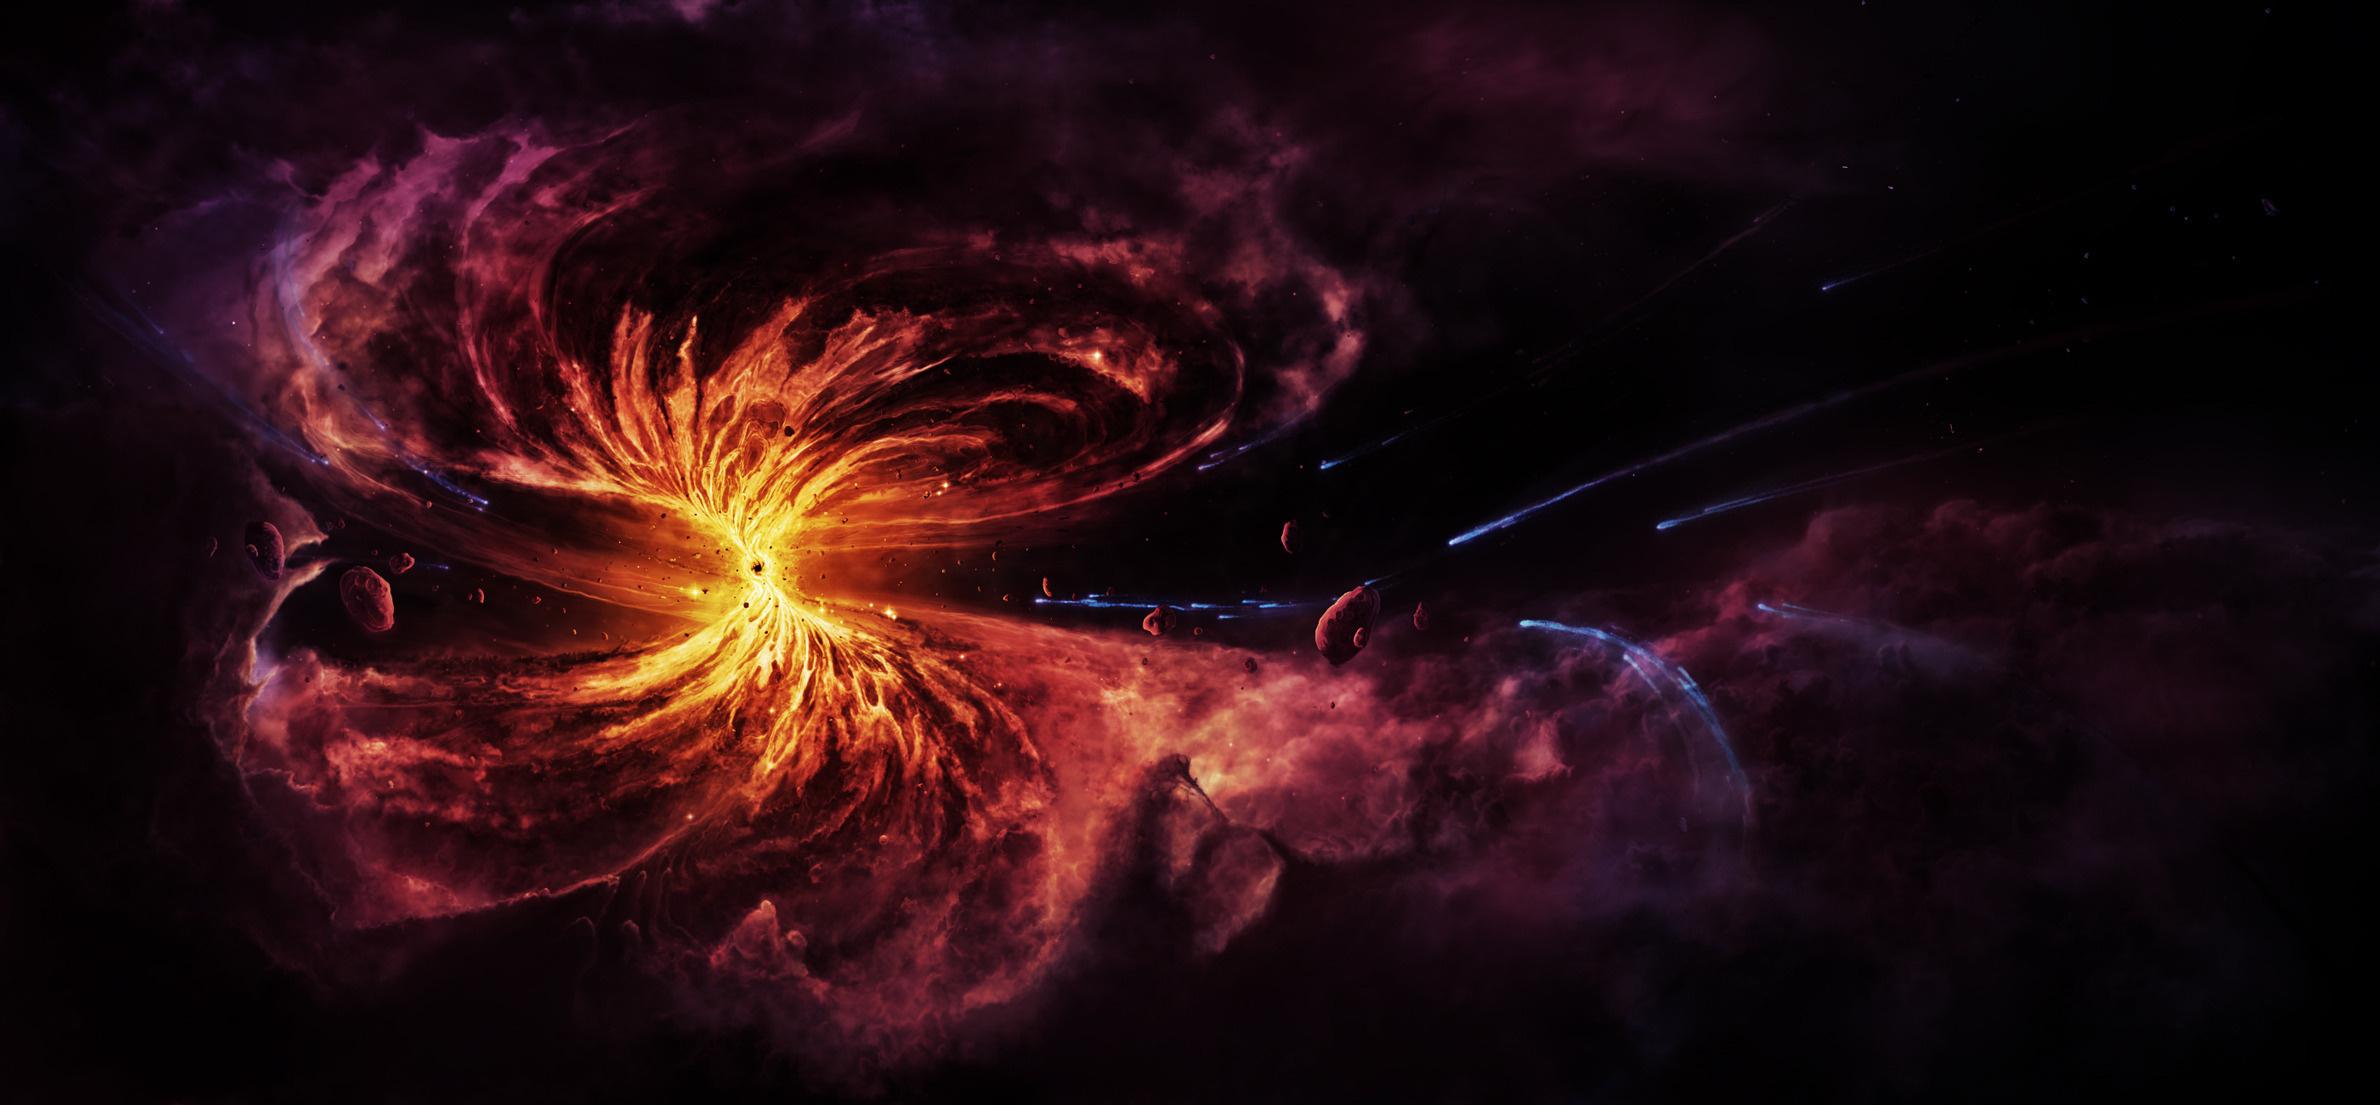 black nebula - photo #43